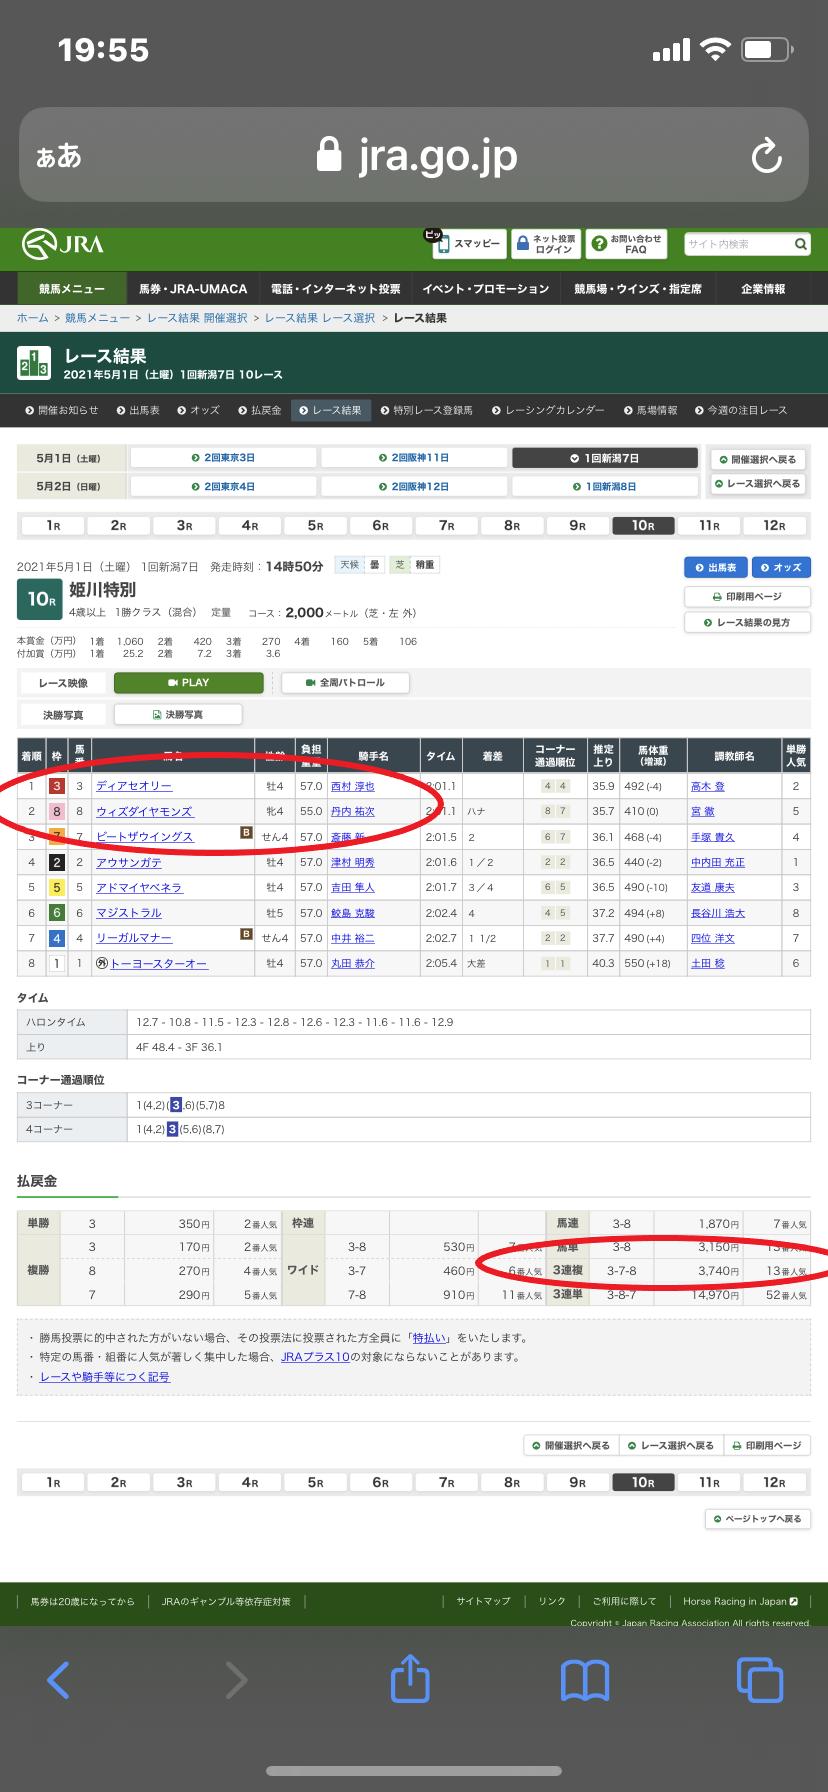 5月1日麒麟の無料情報「姫川特別』の結果